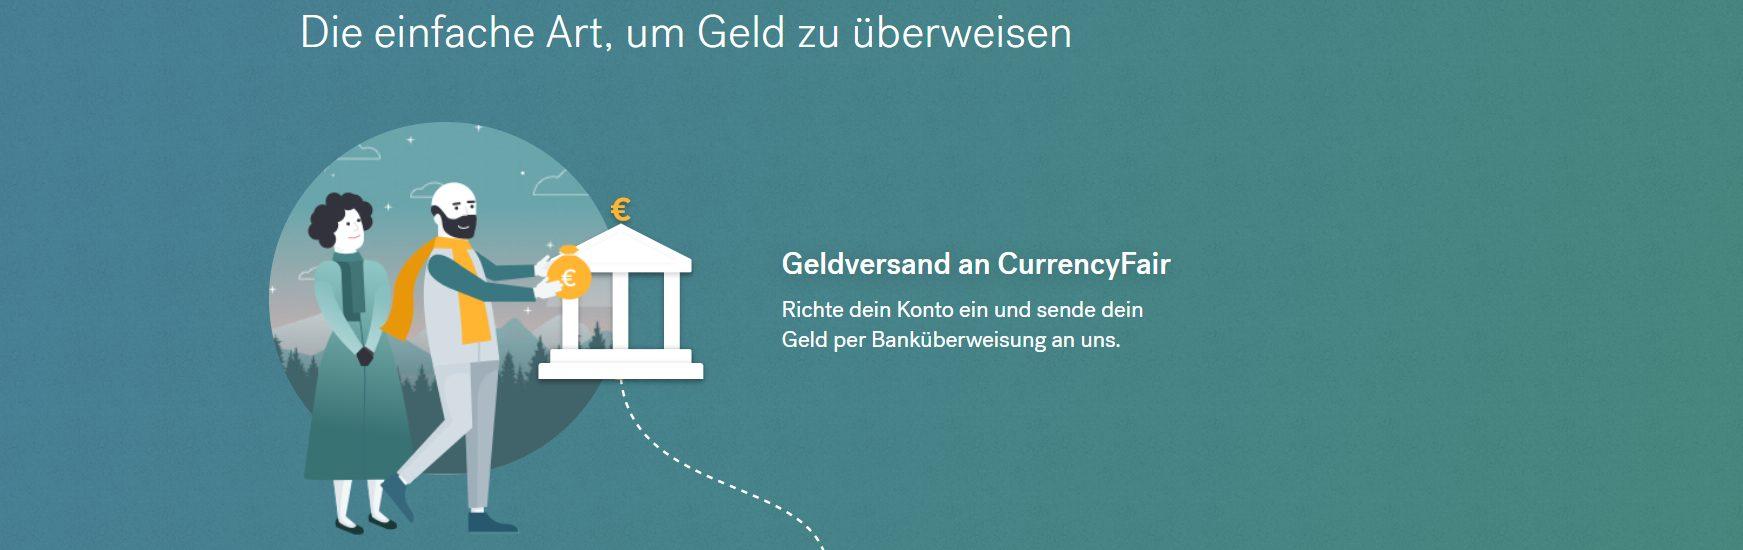 Überweisen Sie auf die einfache Art Geld mit CurrencyFair